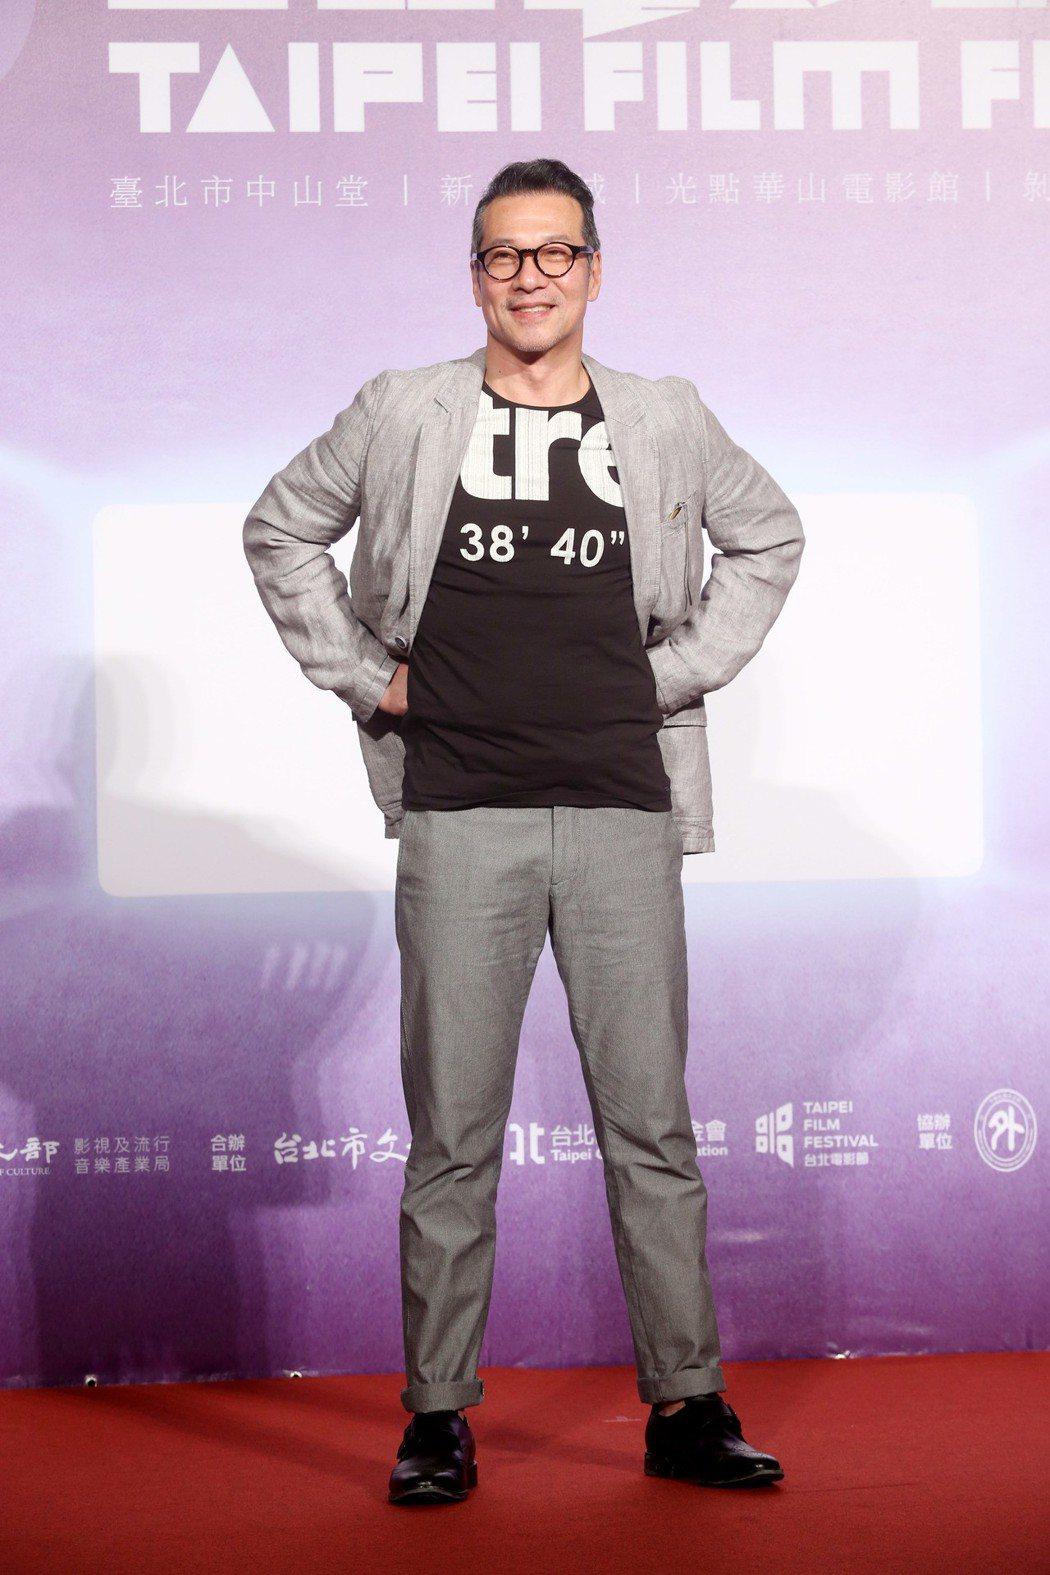 台北電影節開幕片《范保德》舉行亞洲首映記者會,男主角黃仲崑出席。記者邱德祥/攝影